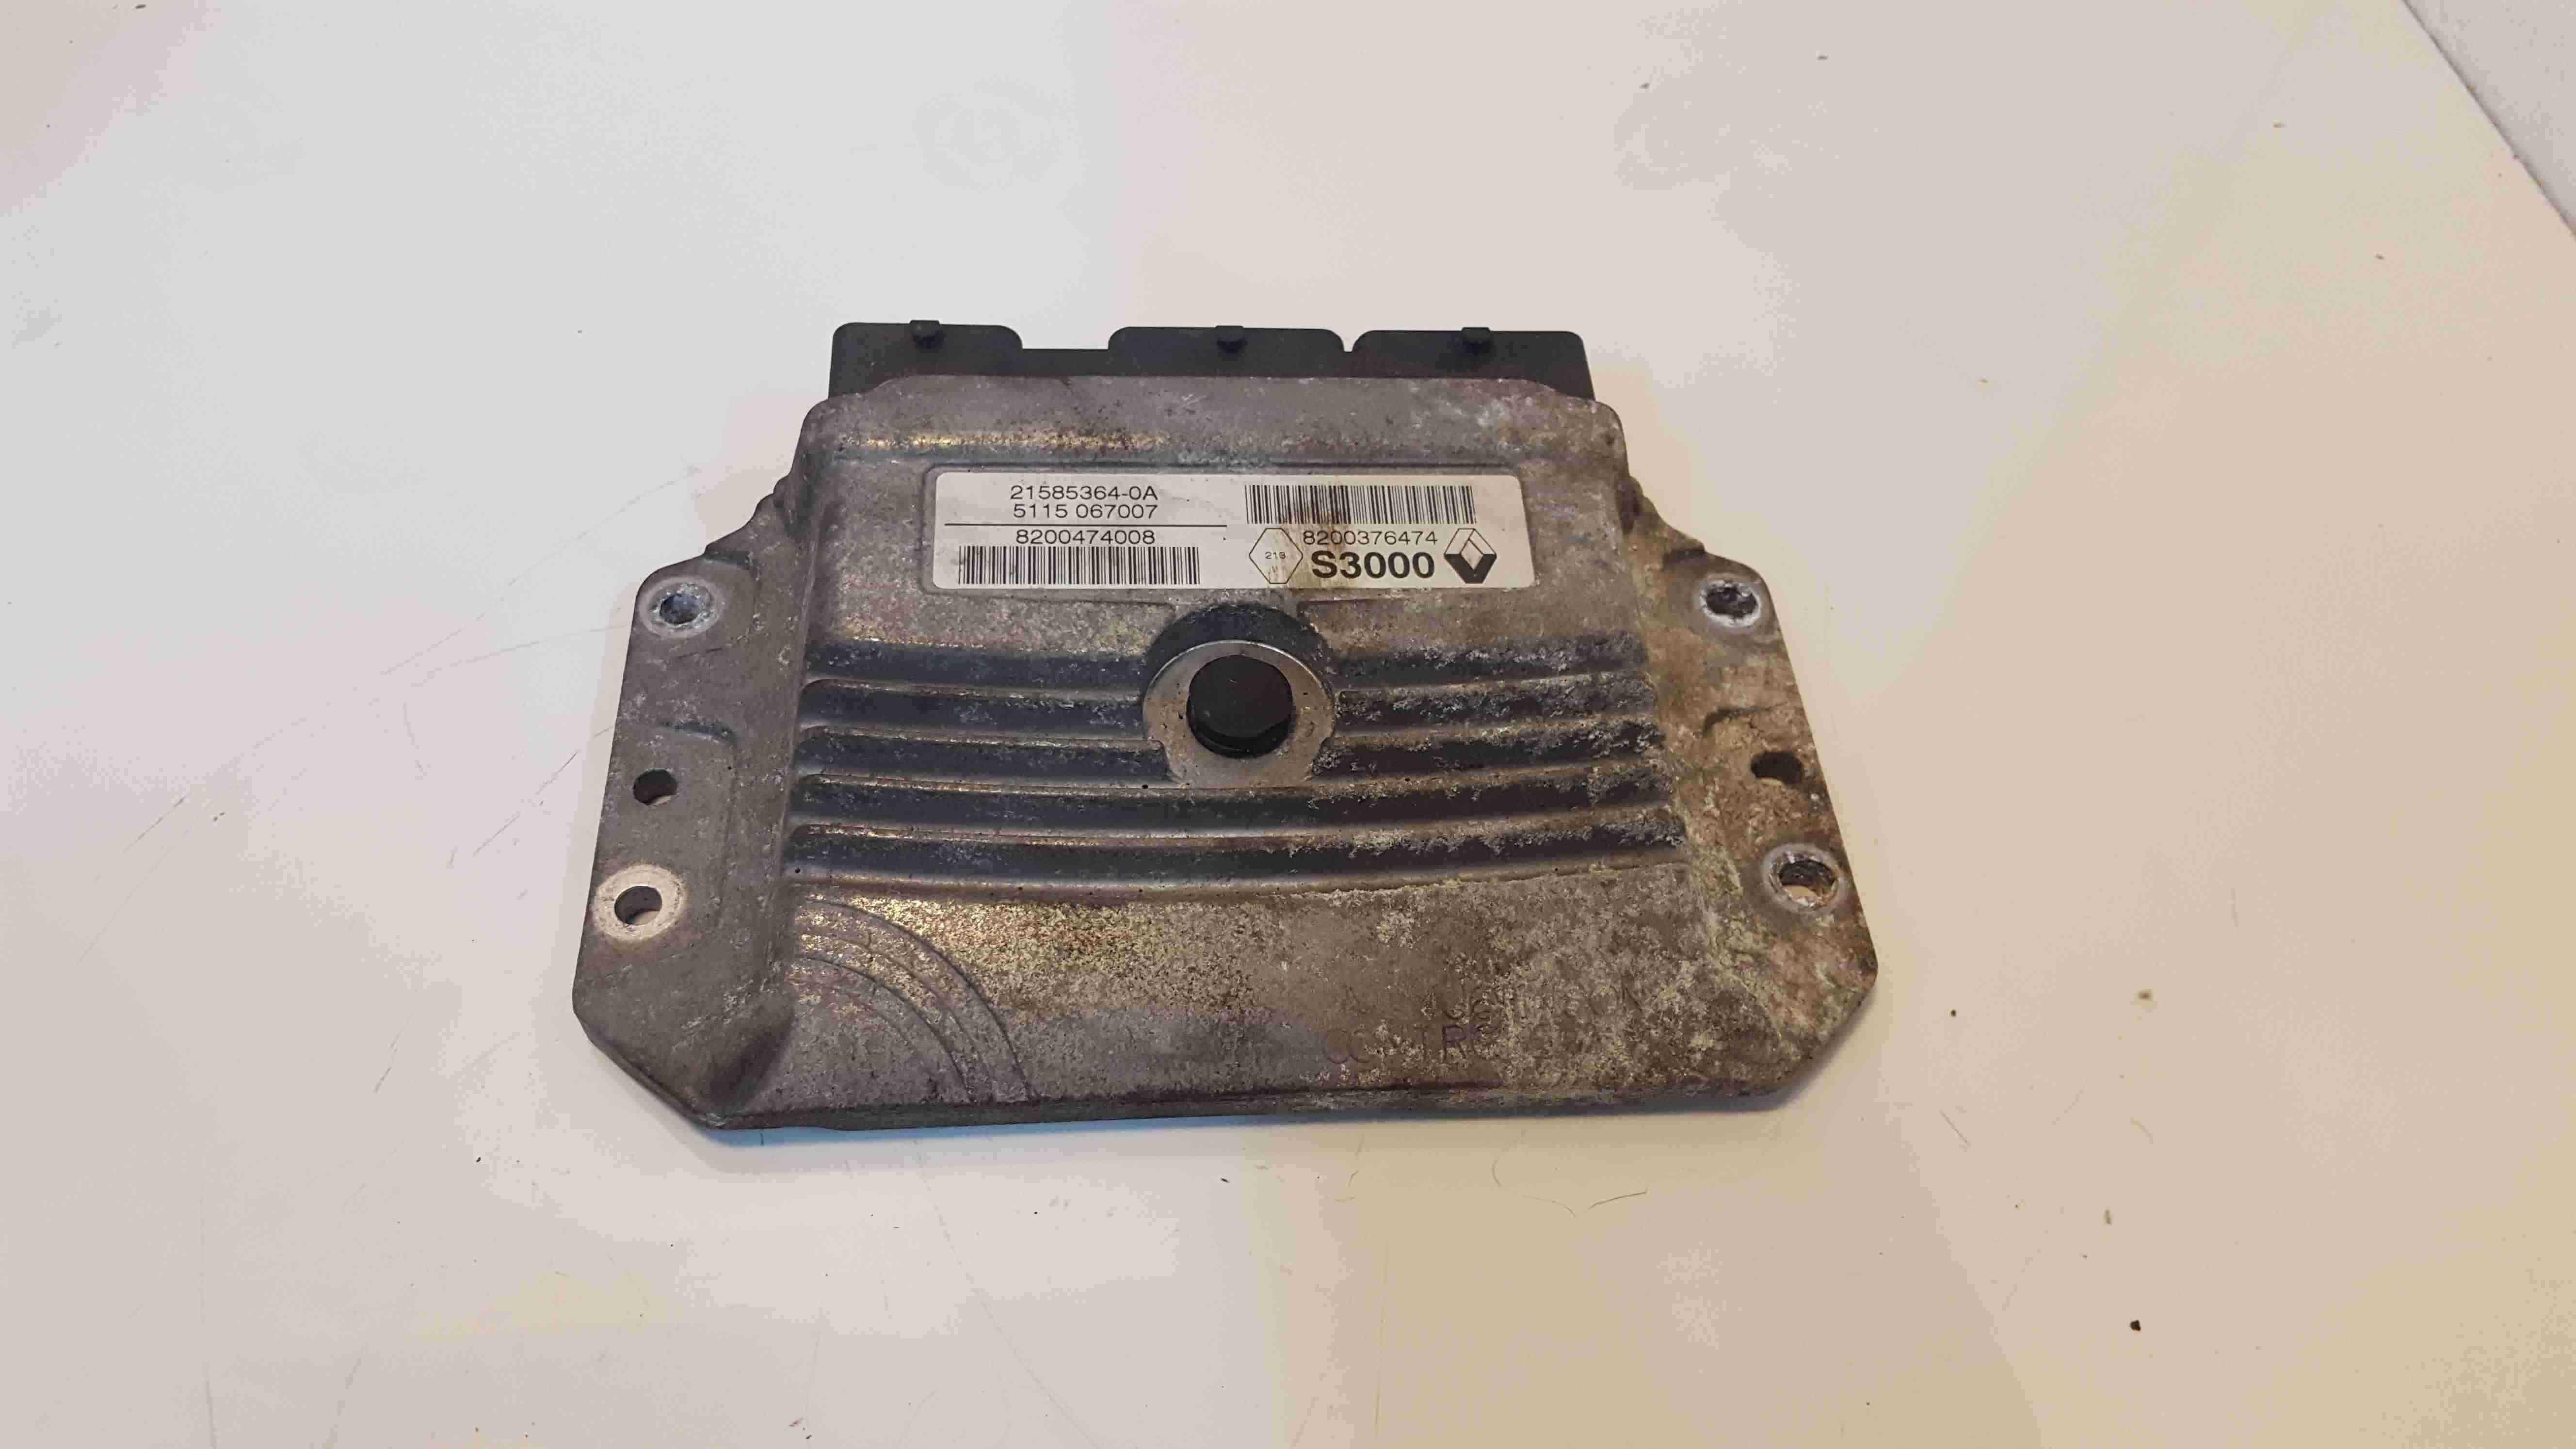 Renault Clio Modus 2005-2012 1.4 1.6 Engine Control Unit ECU Computer 8200376474